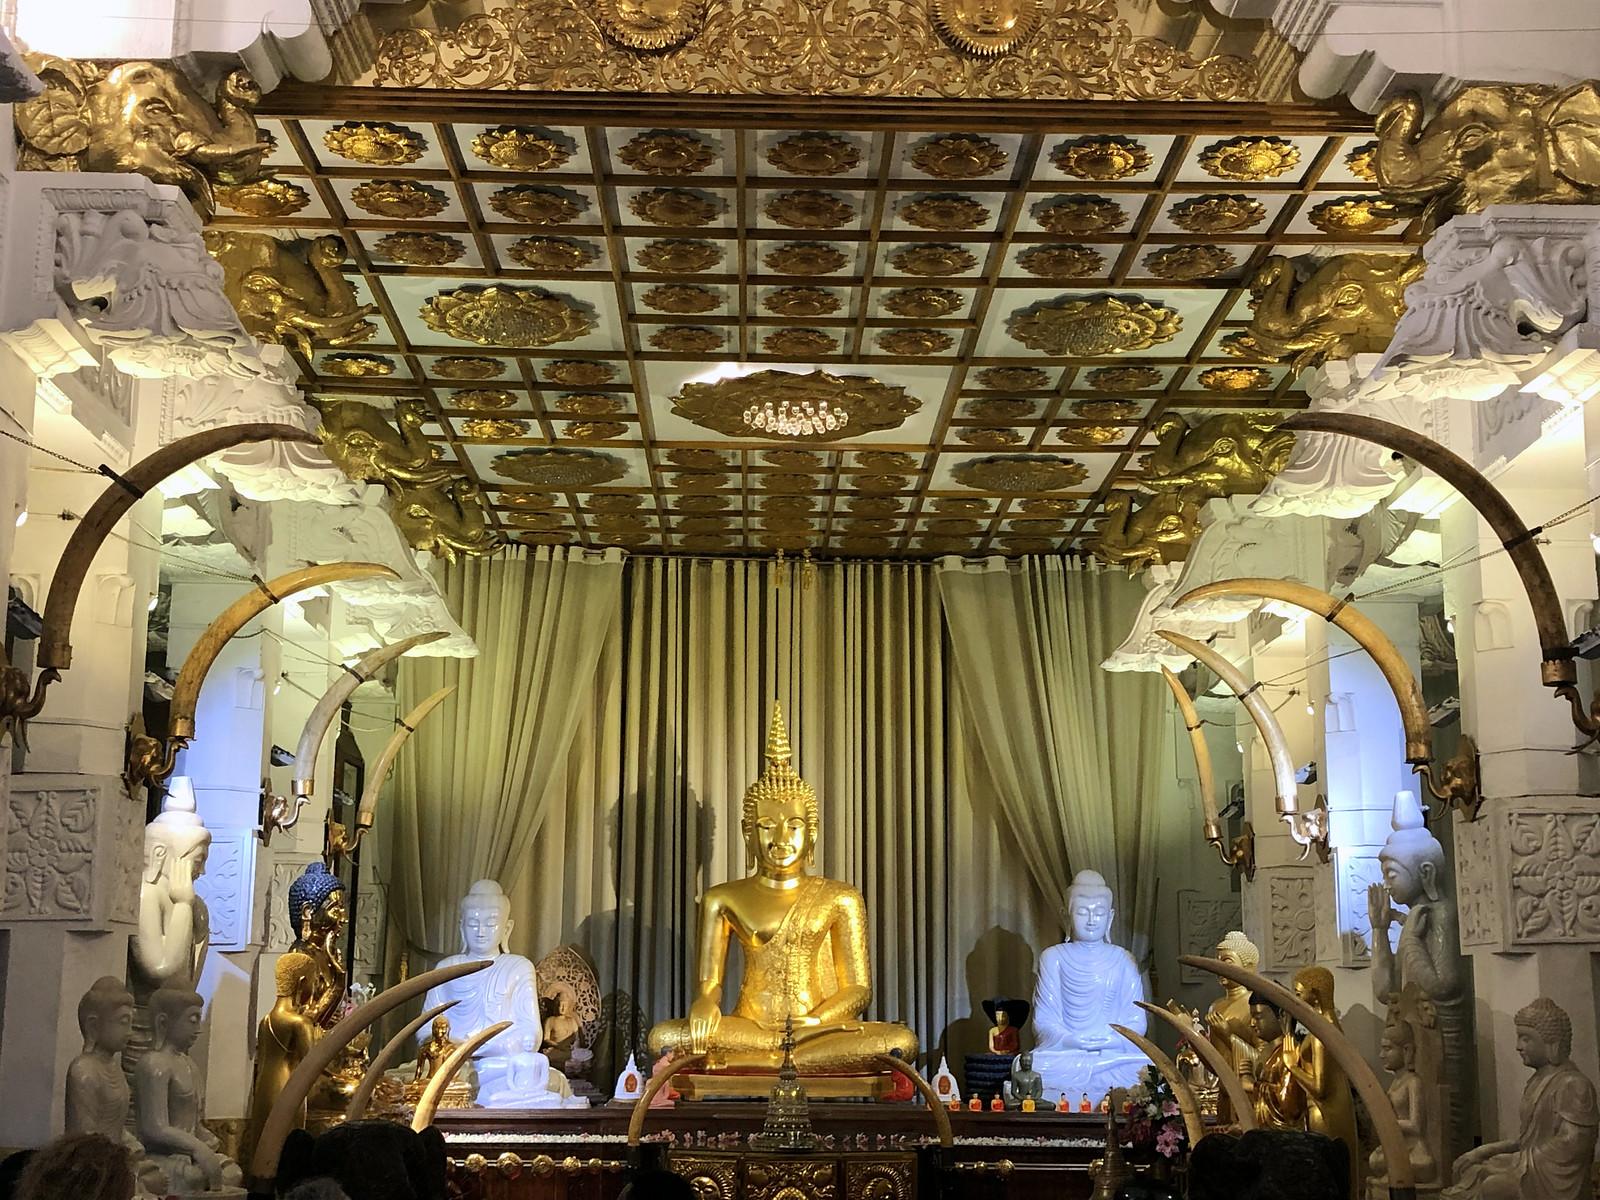 Kandy en un día, Sri Lanka kandy en un día - 47013341202 291a2def4f h - Kandy en un día, Sri Lanka